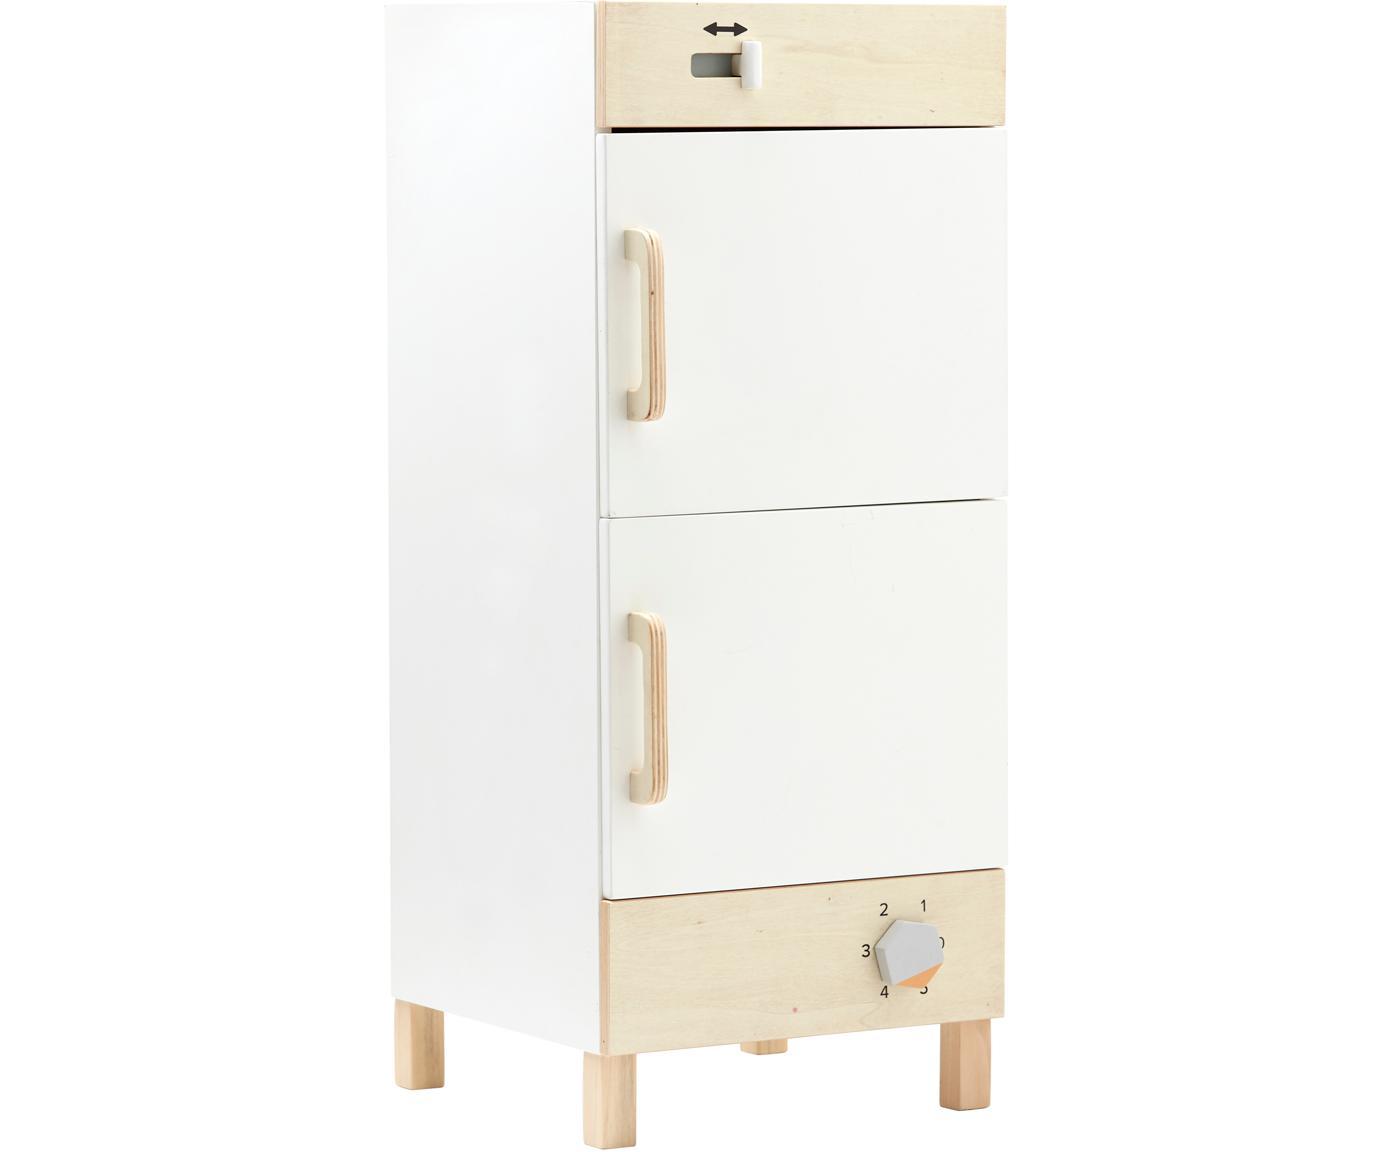 Spielzeug-Kühlschrank, Holz, Weiss, Holz, 30 x 73 cm